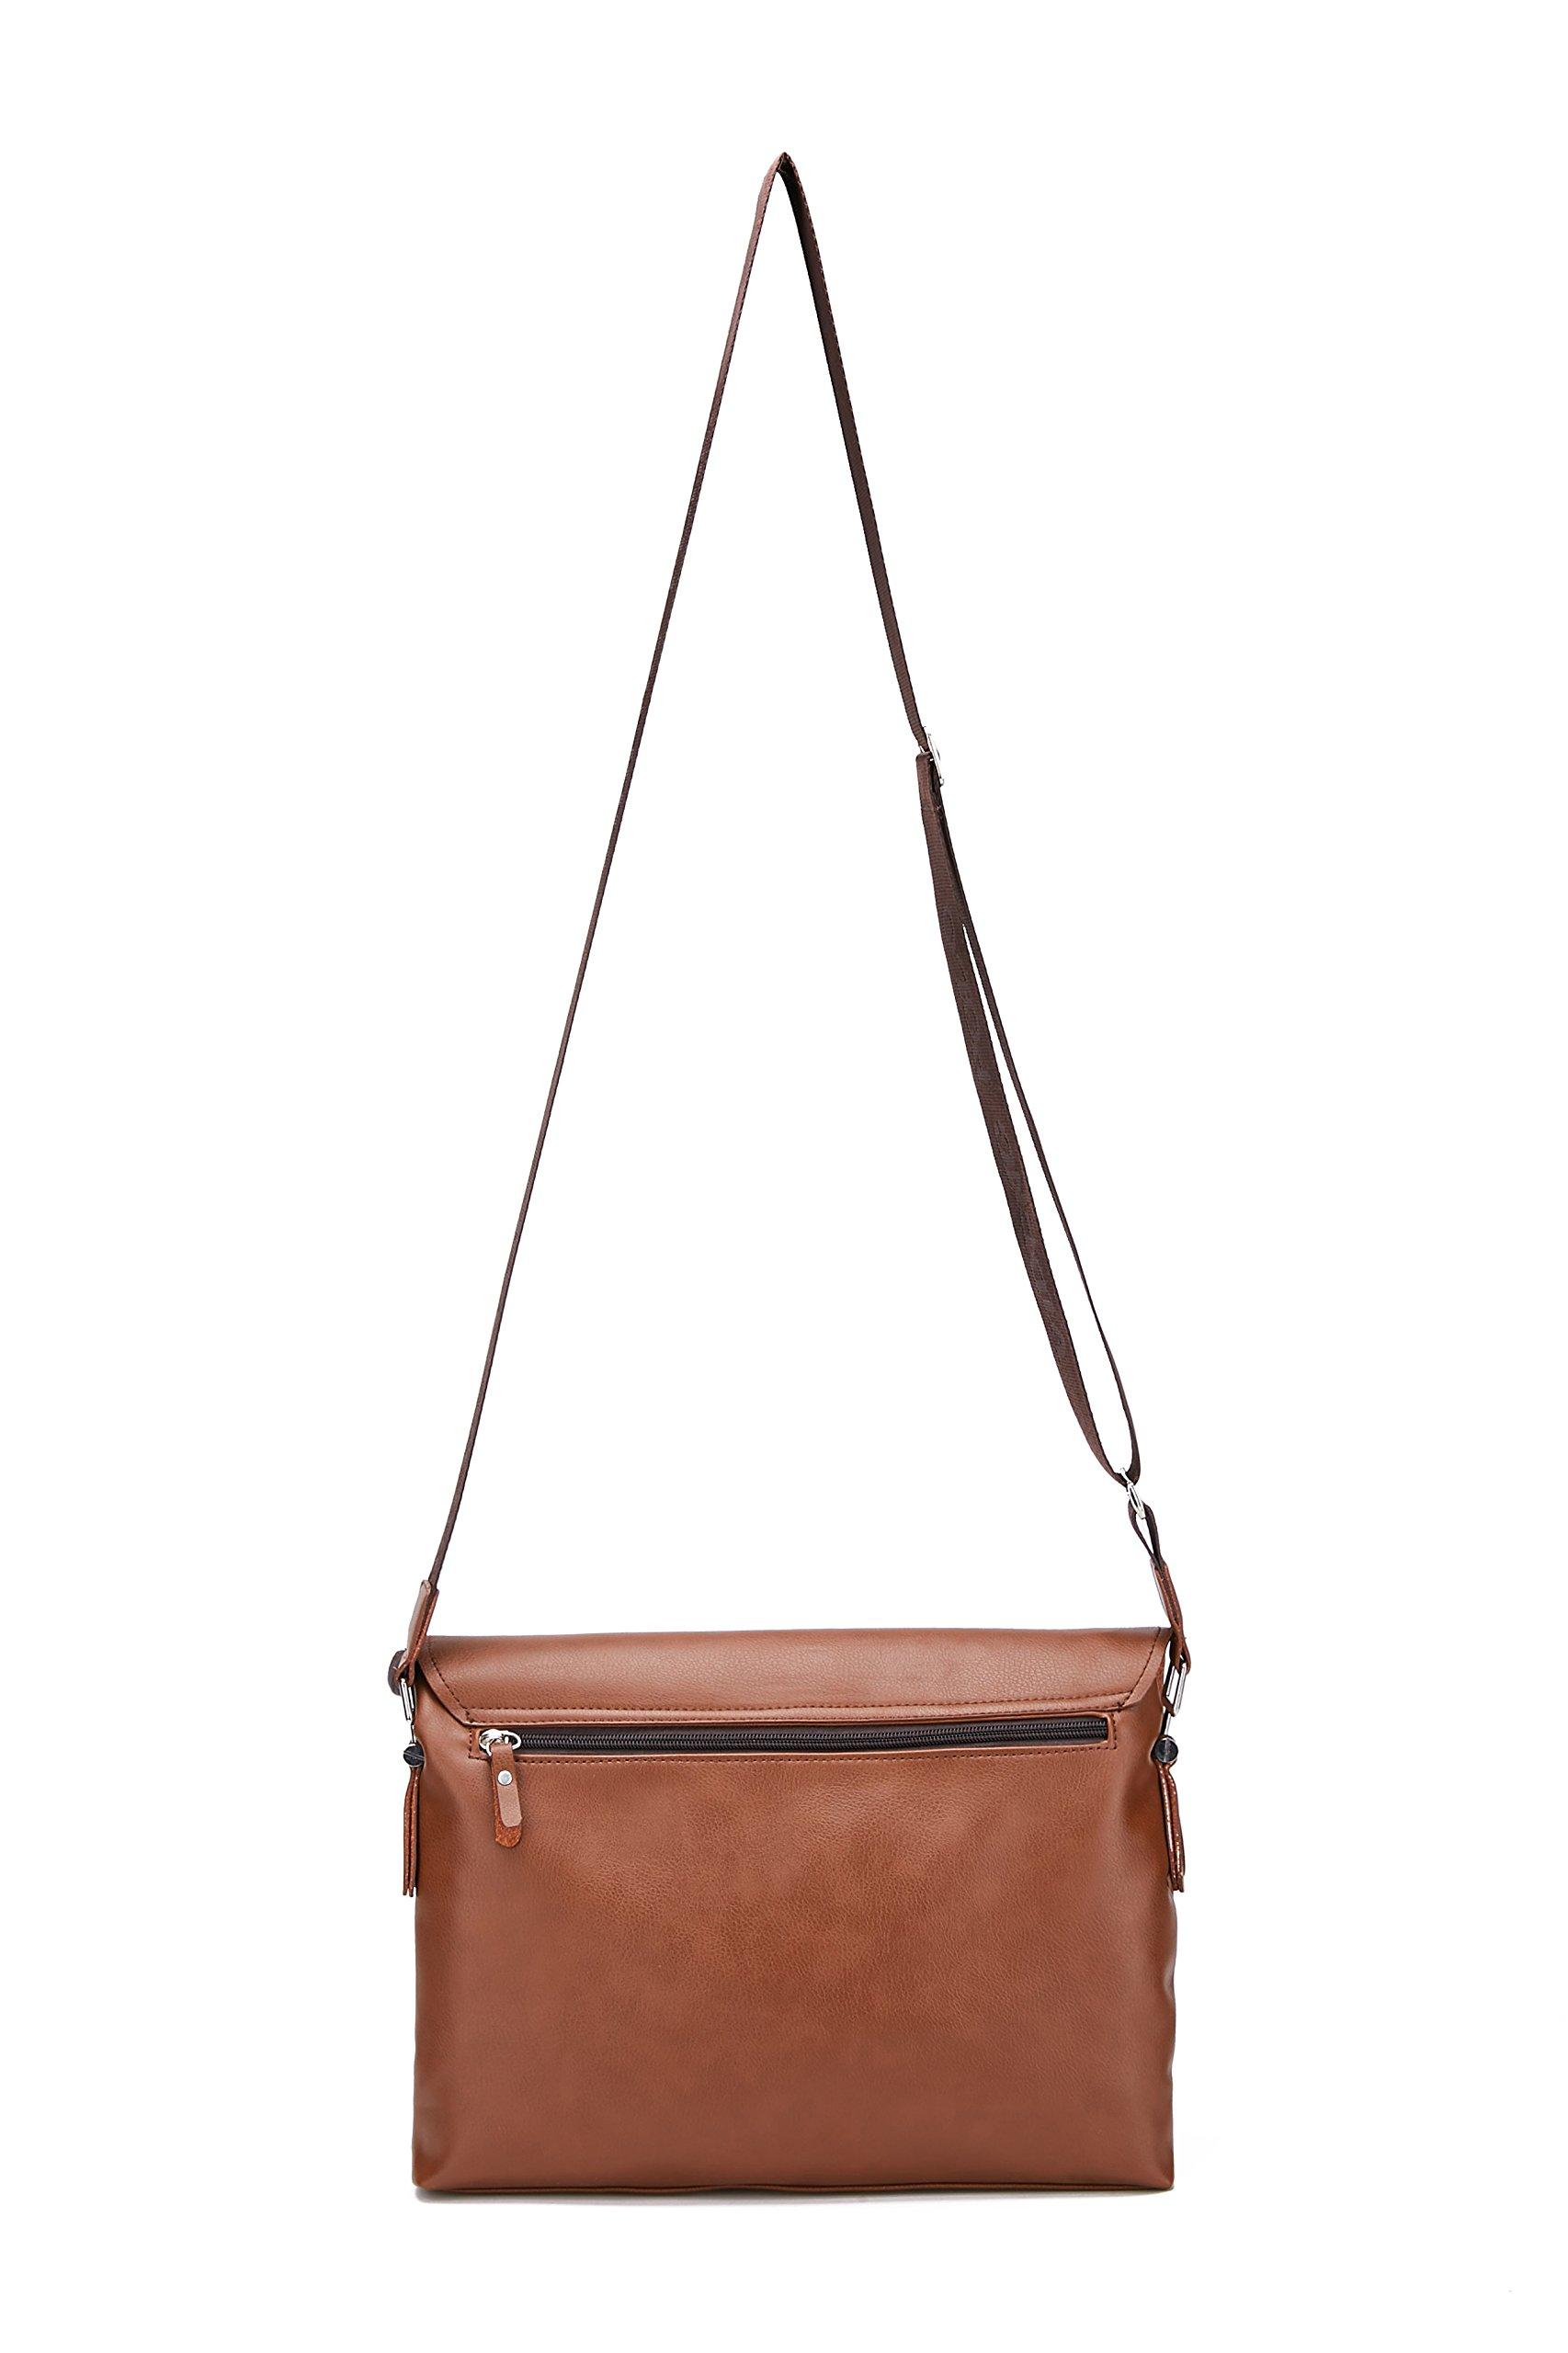 71L4domHmbL - Maod Cuero Suave Bolso Mensajero del Bandoleras Hombre Vintage maletin portatil Color Sólido Bolso Negocio Maletín…